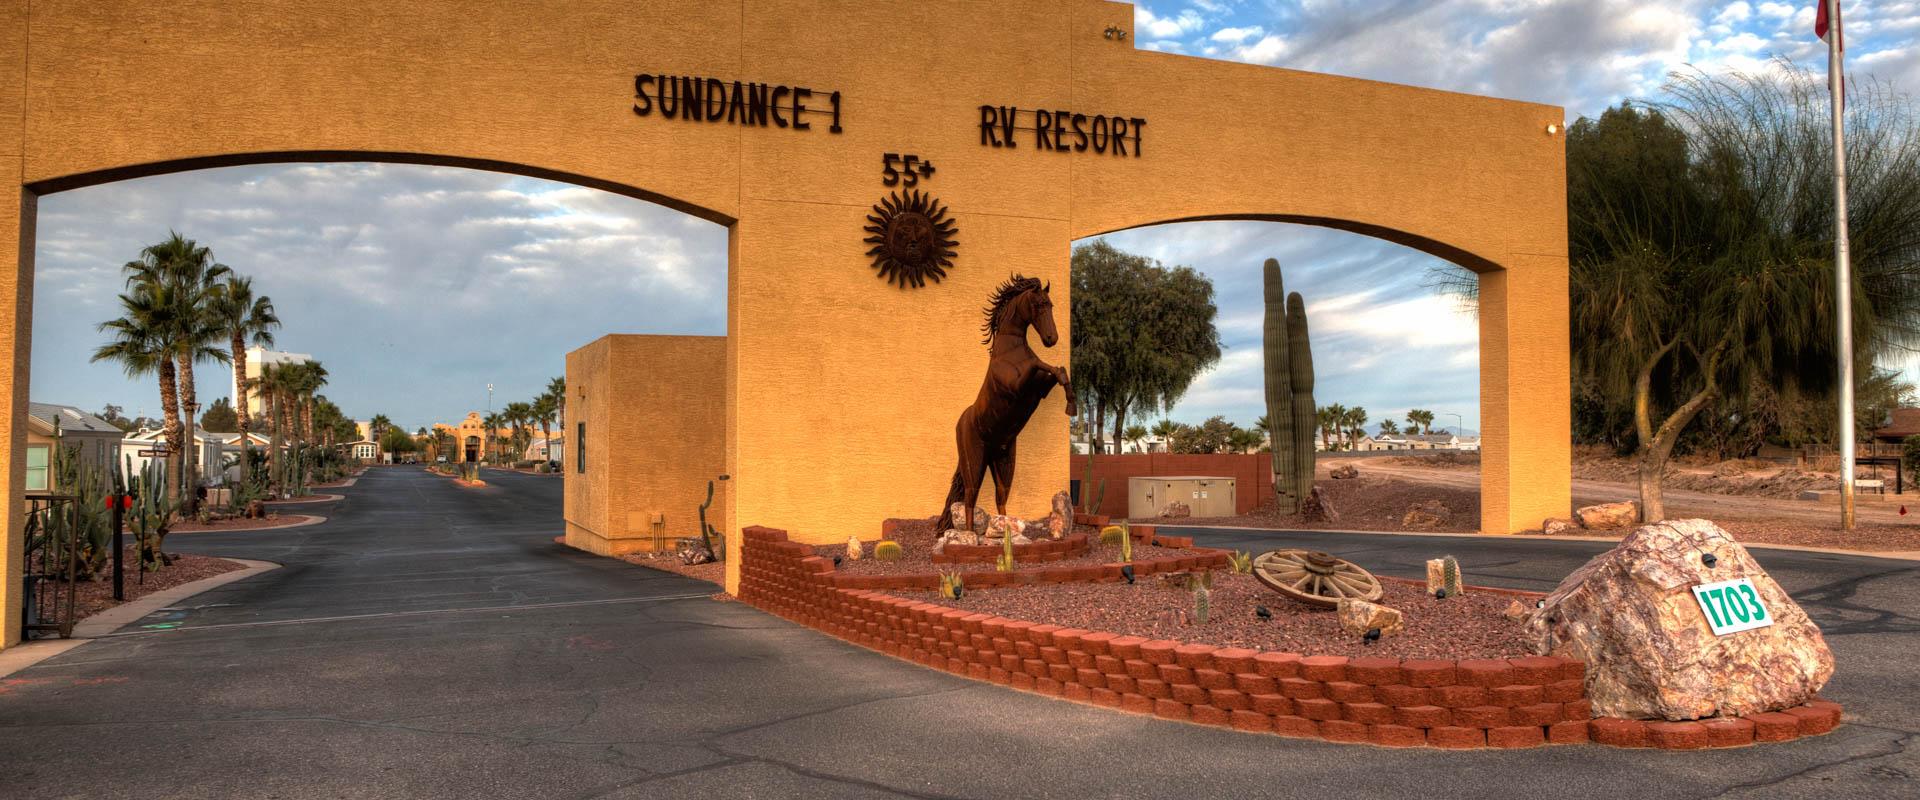 Casa Grande RV Resort Arizona RV Park